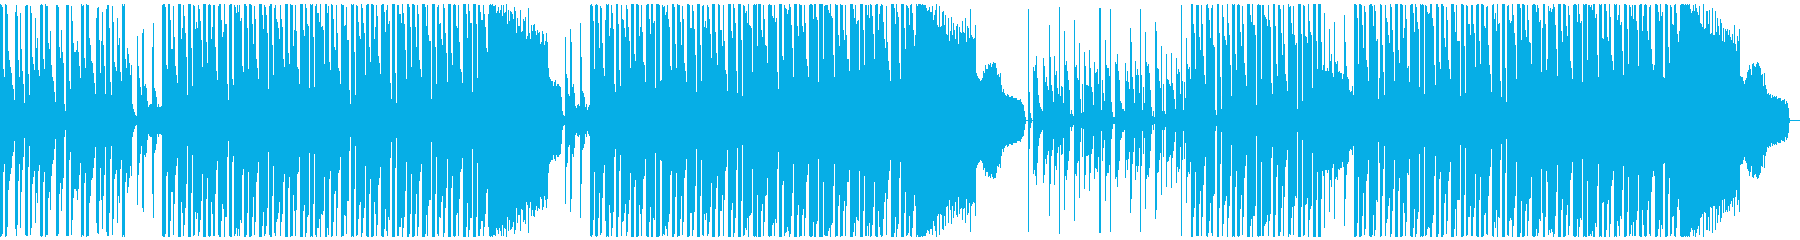 遊び心のある軽快なレゲエの再生済みの波形